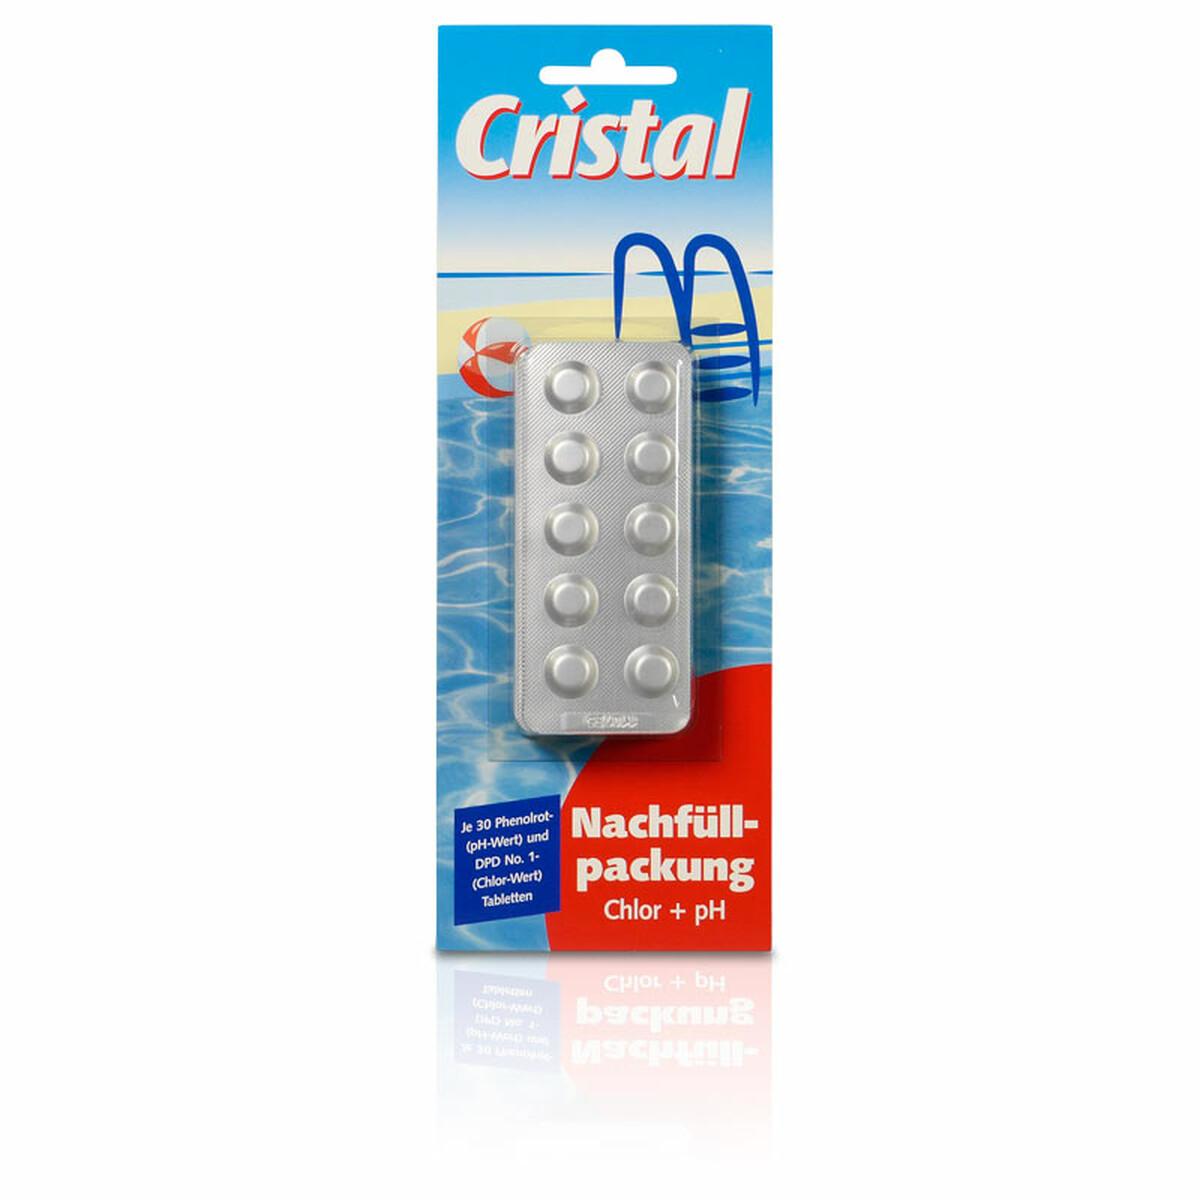 Nachfüllpackung für Chlor und pH Testgerät